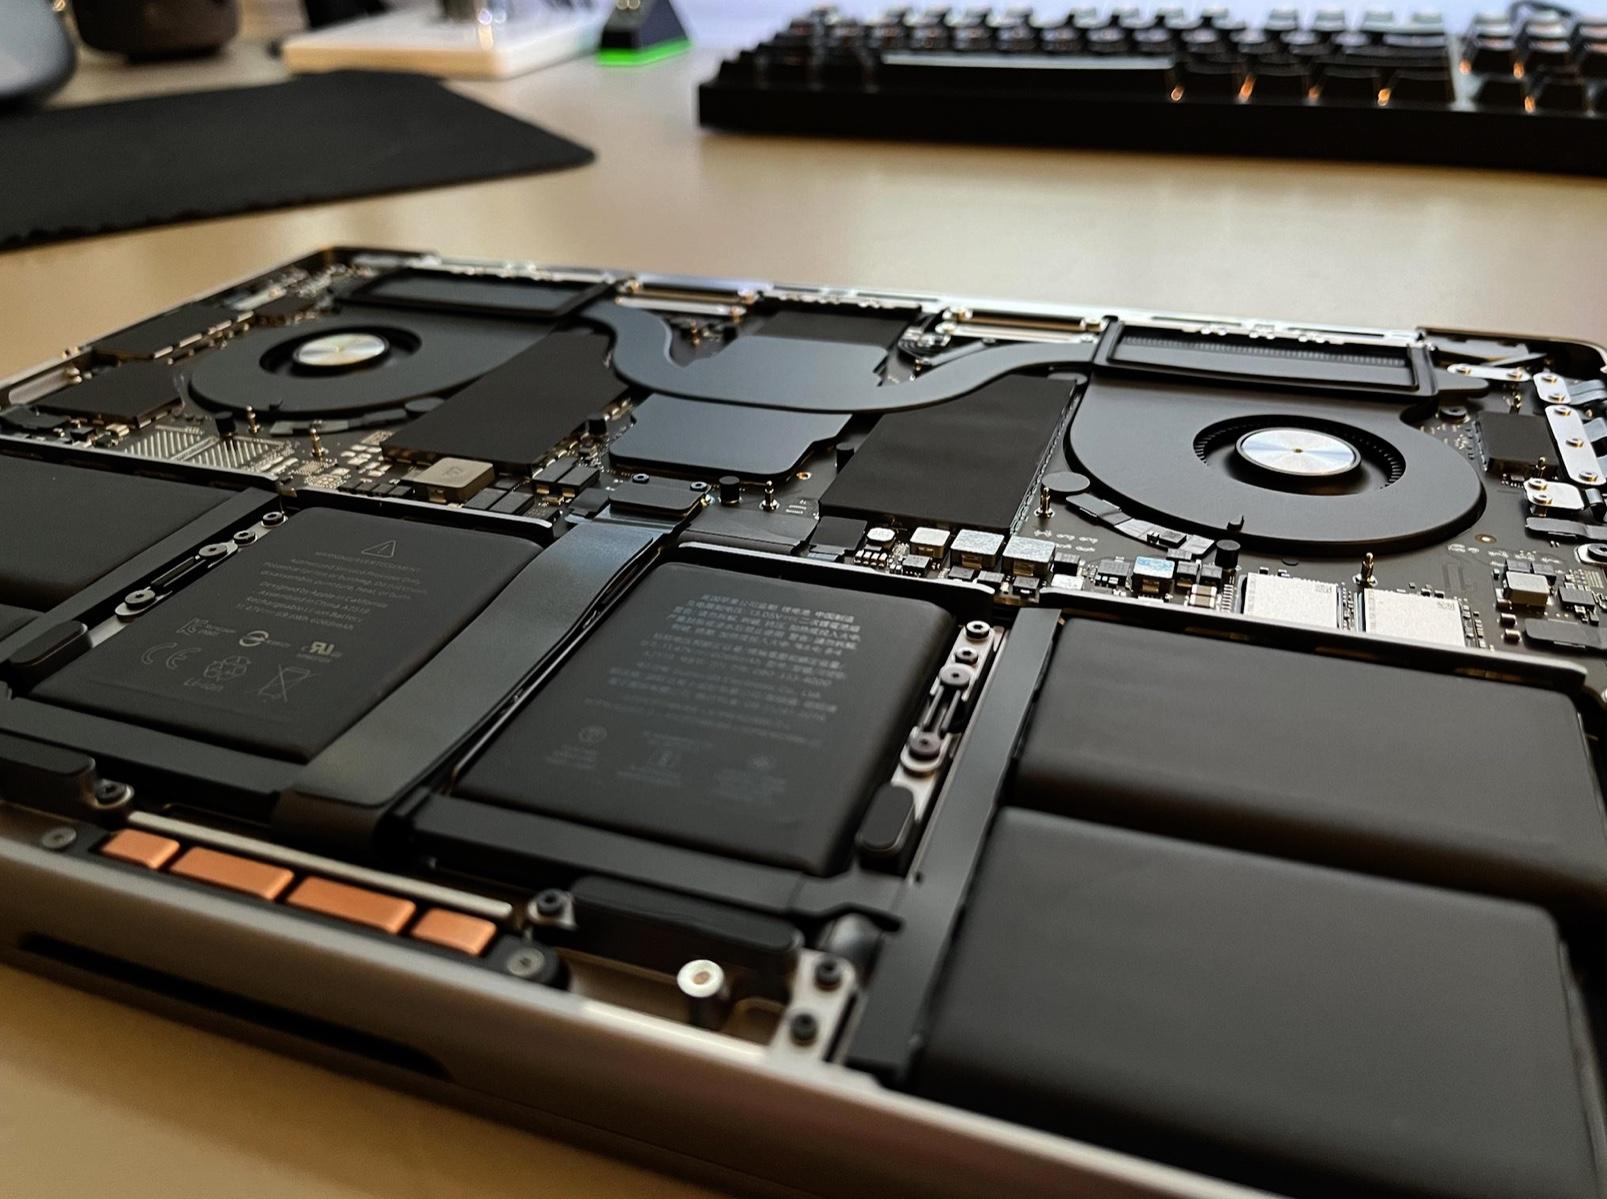 À quoi ressemblent les entrailles des MacBook Pro 2021 ? Voici des images